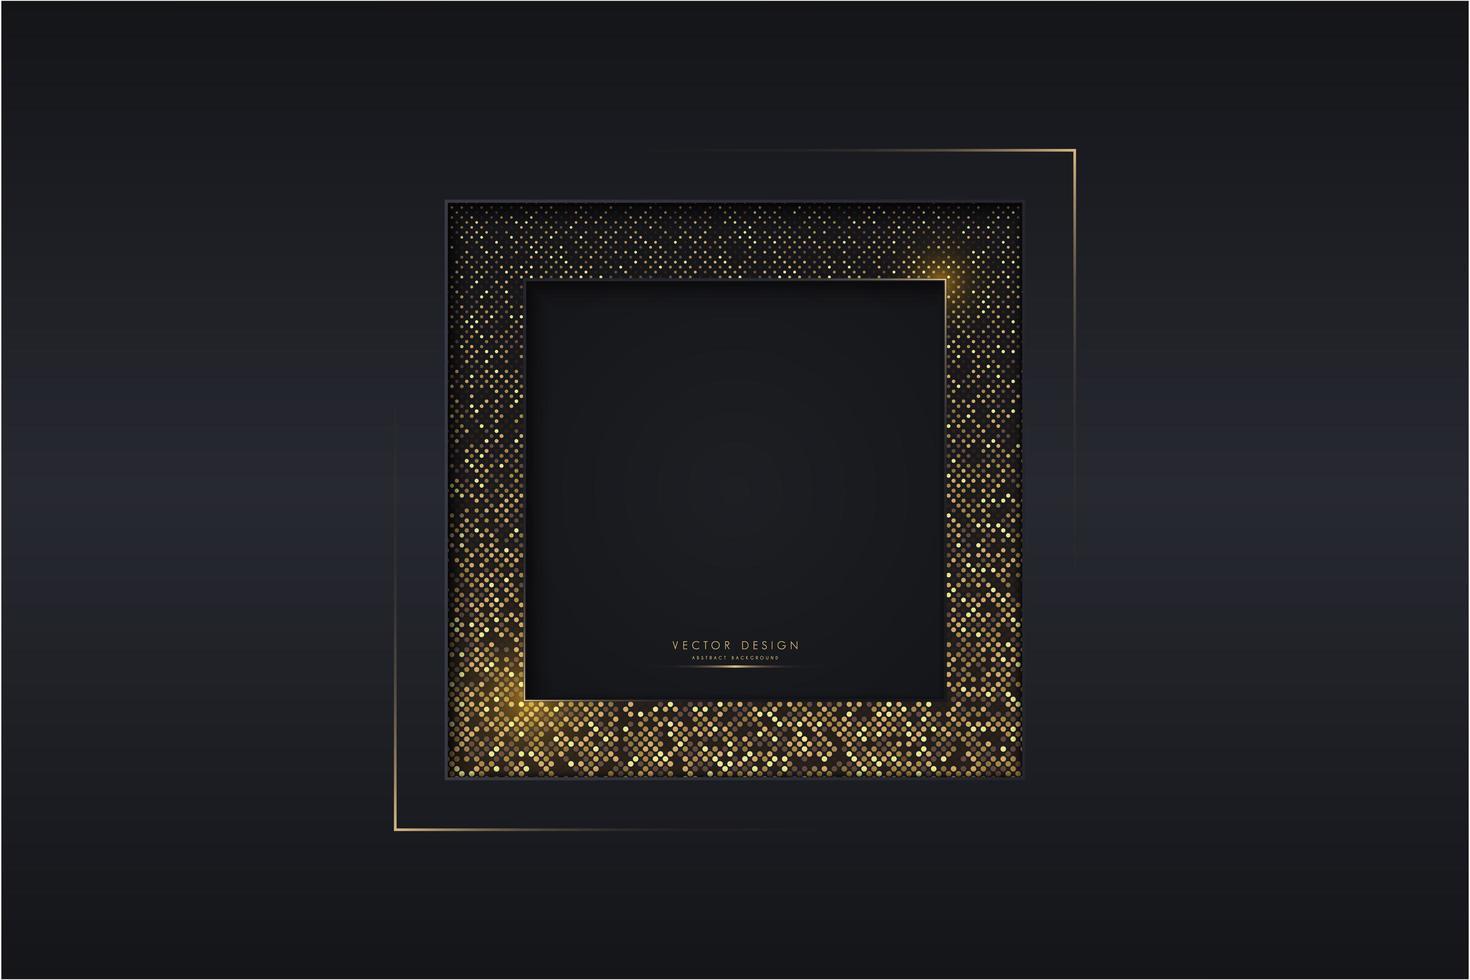 dunkles Metallic-Design mit Rahmen aus leuchtend goldenen Punkten vektor